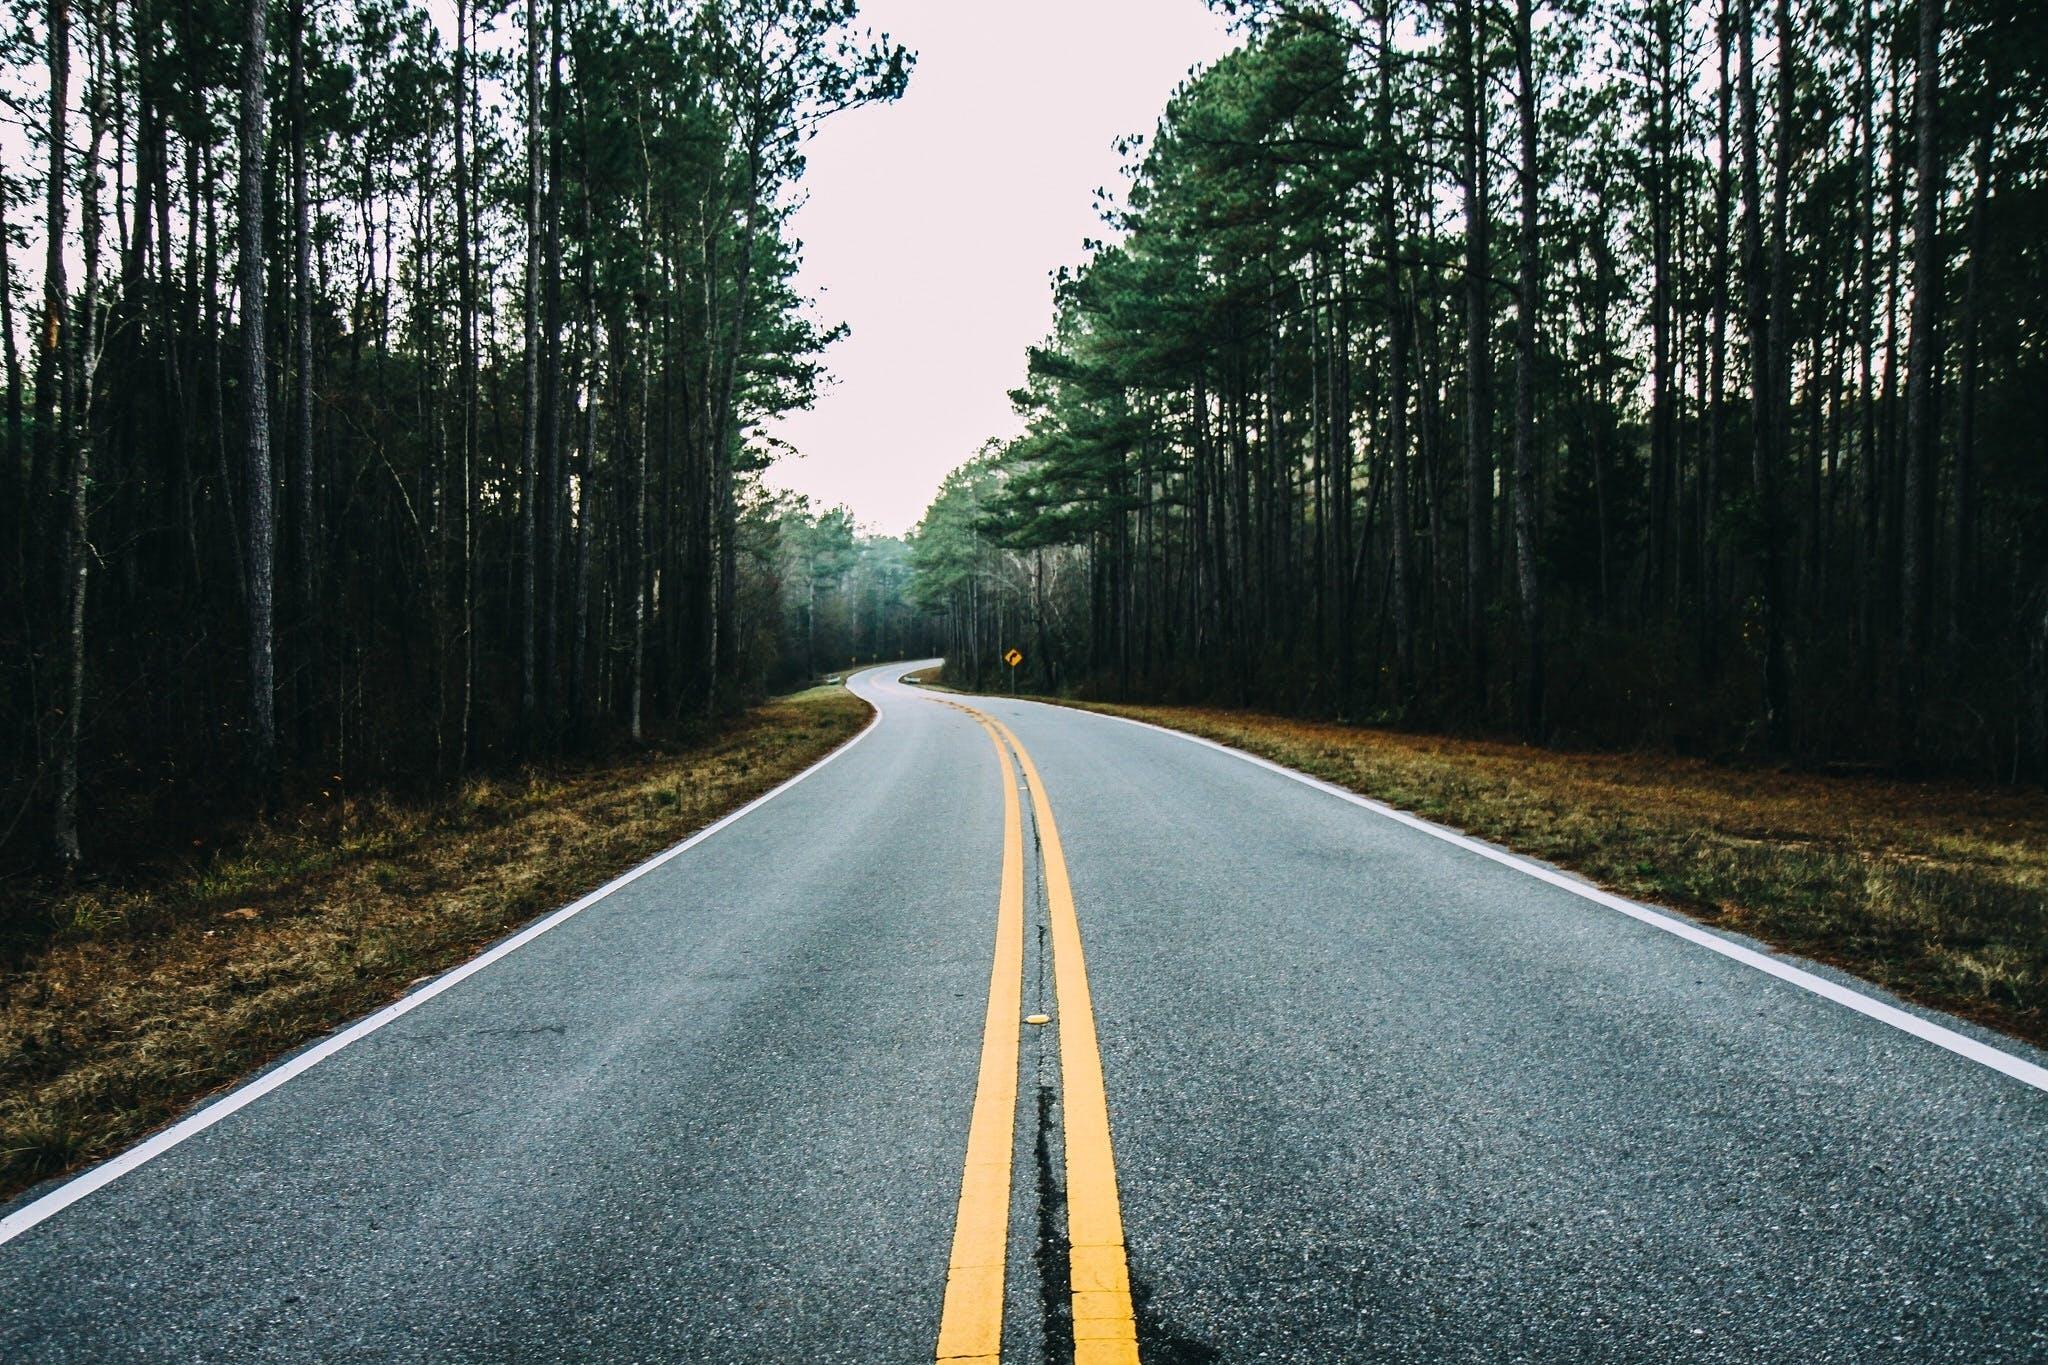 long road, road, road trip